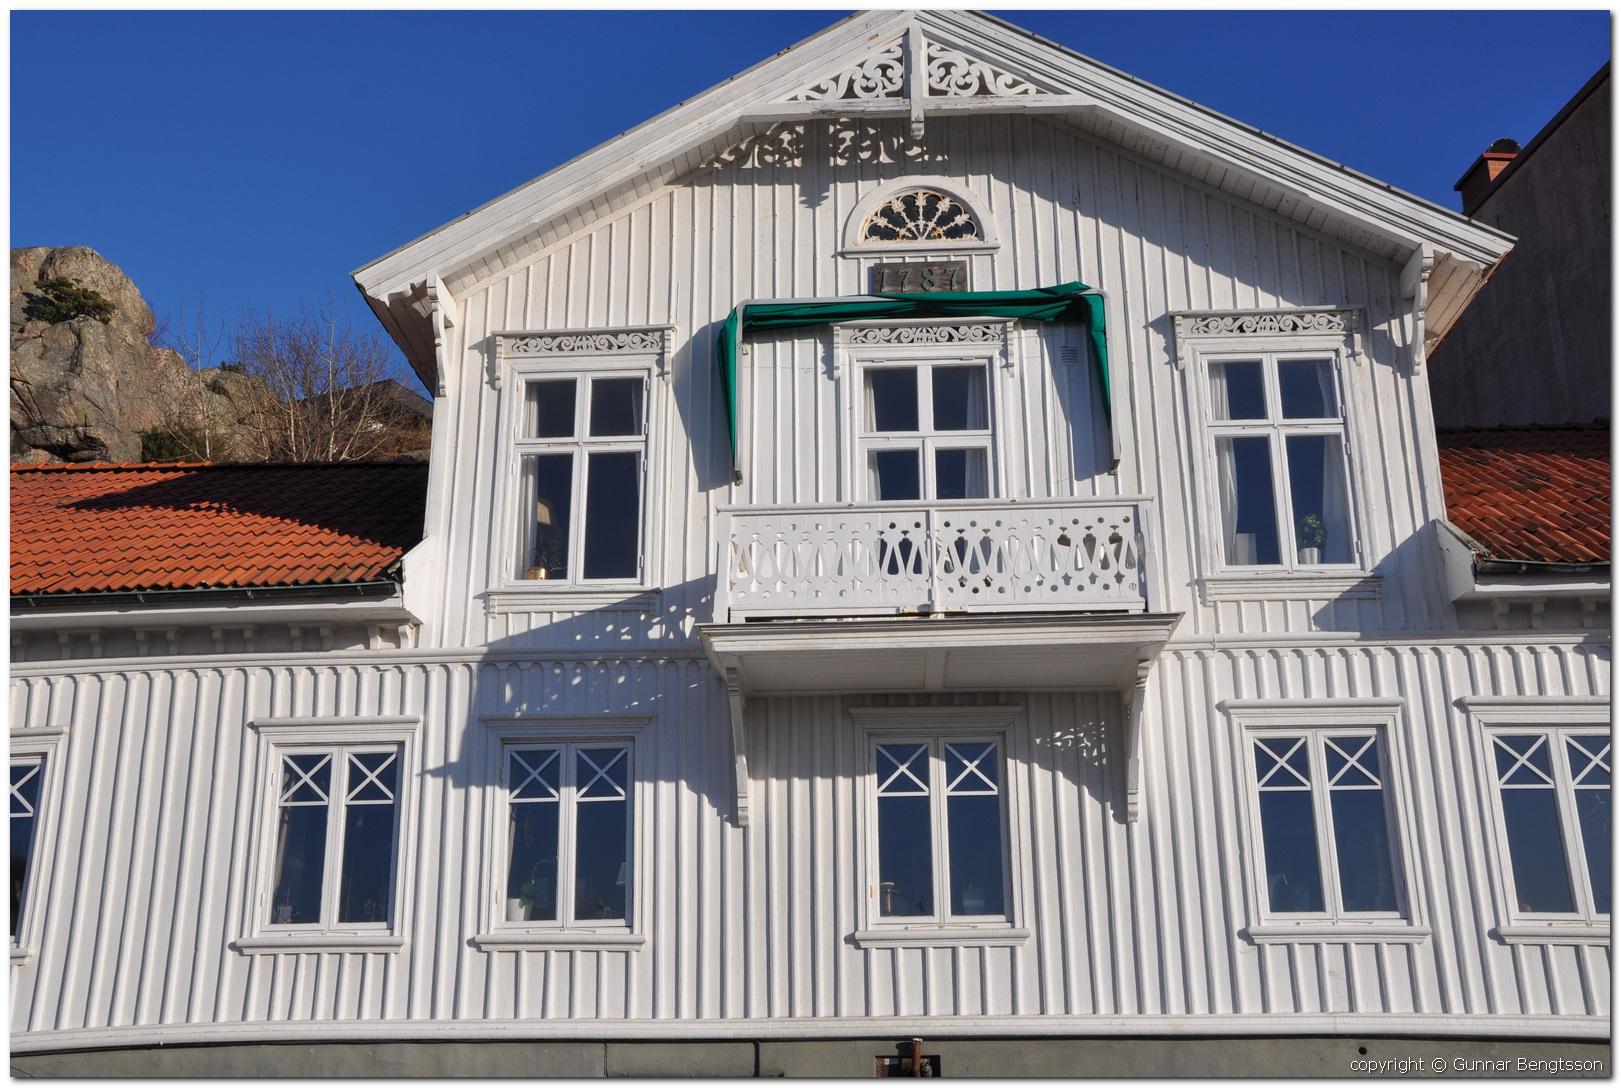 bohuslan_norge_2012-04-02_dsc_3655